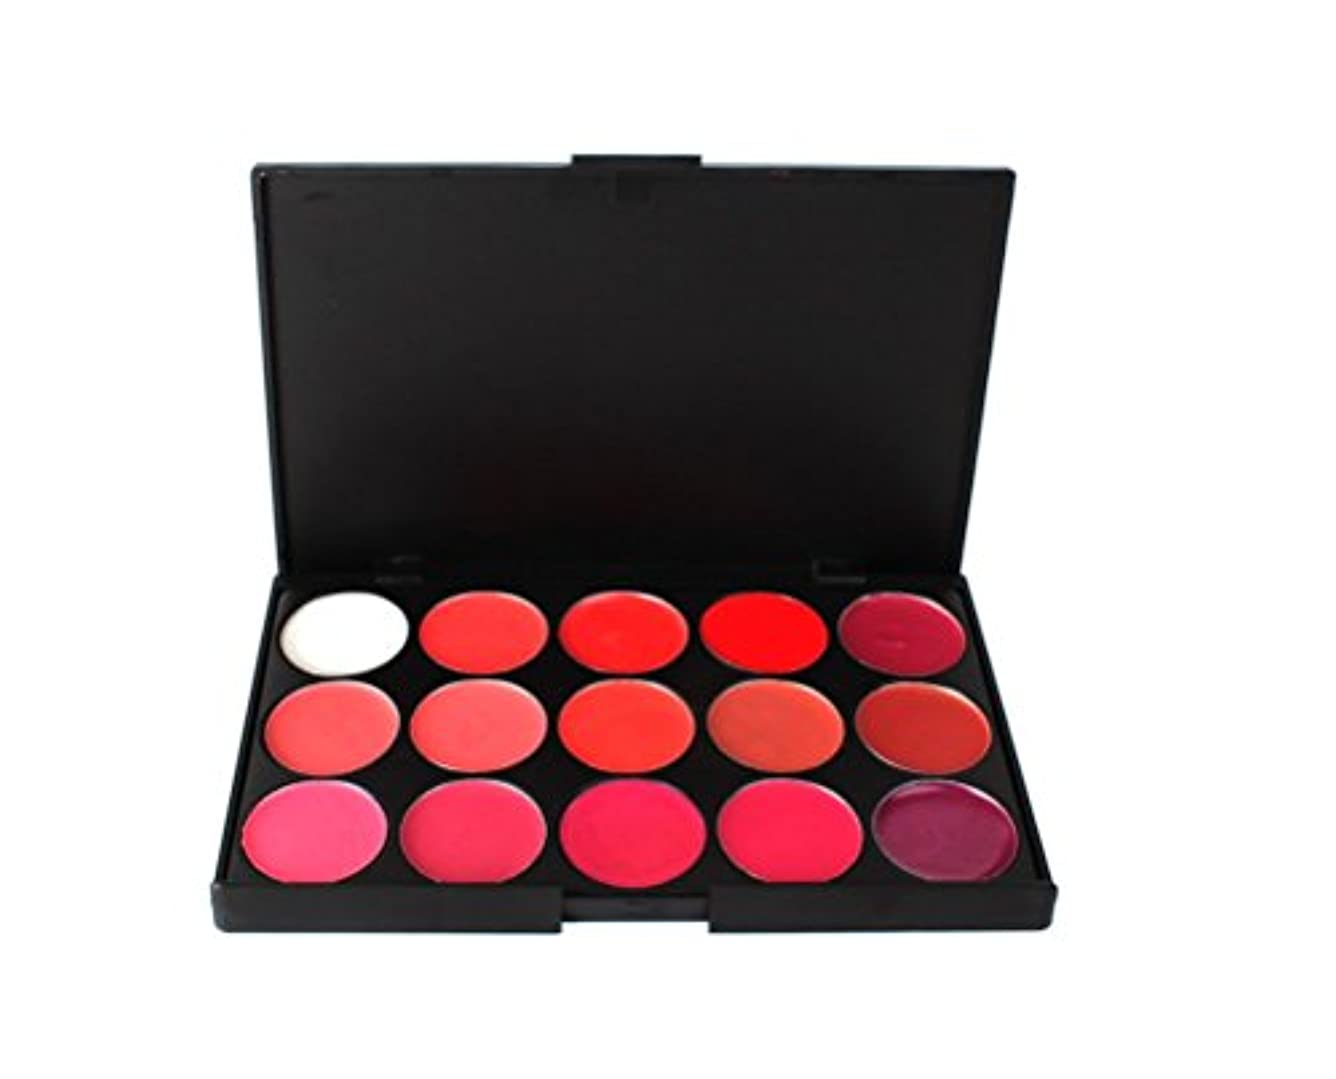 自己複合乗算MakeupAcc15色リップパレット ばら色/オレンジ系/ダークレッド/ワイルドローズ/ディープチェリー メイクカラー コスメ [並行輸入品]